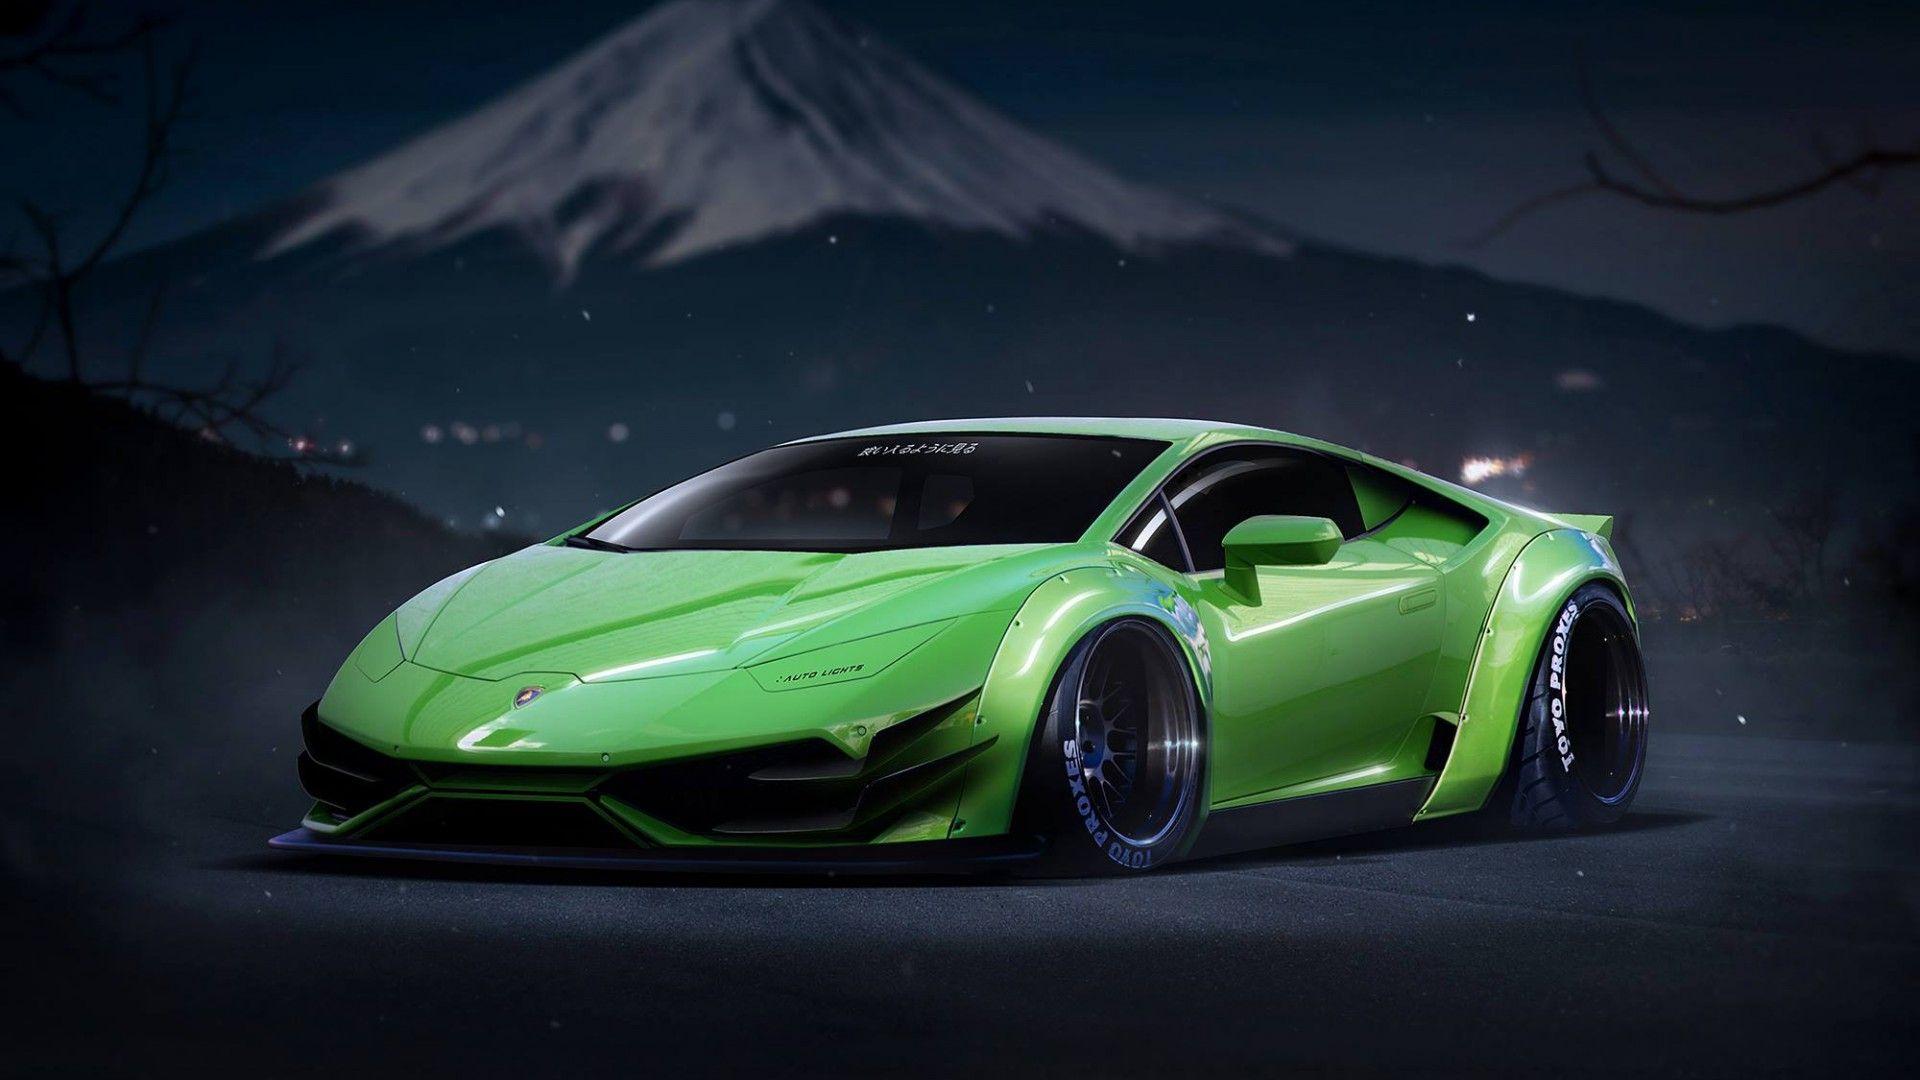 luxury prestige lamborghini in youtube orlando watch a rent auto rentals aventador miami